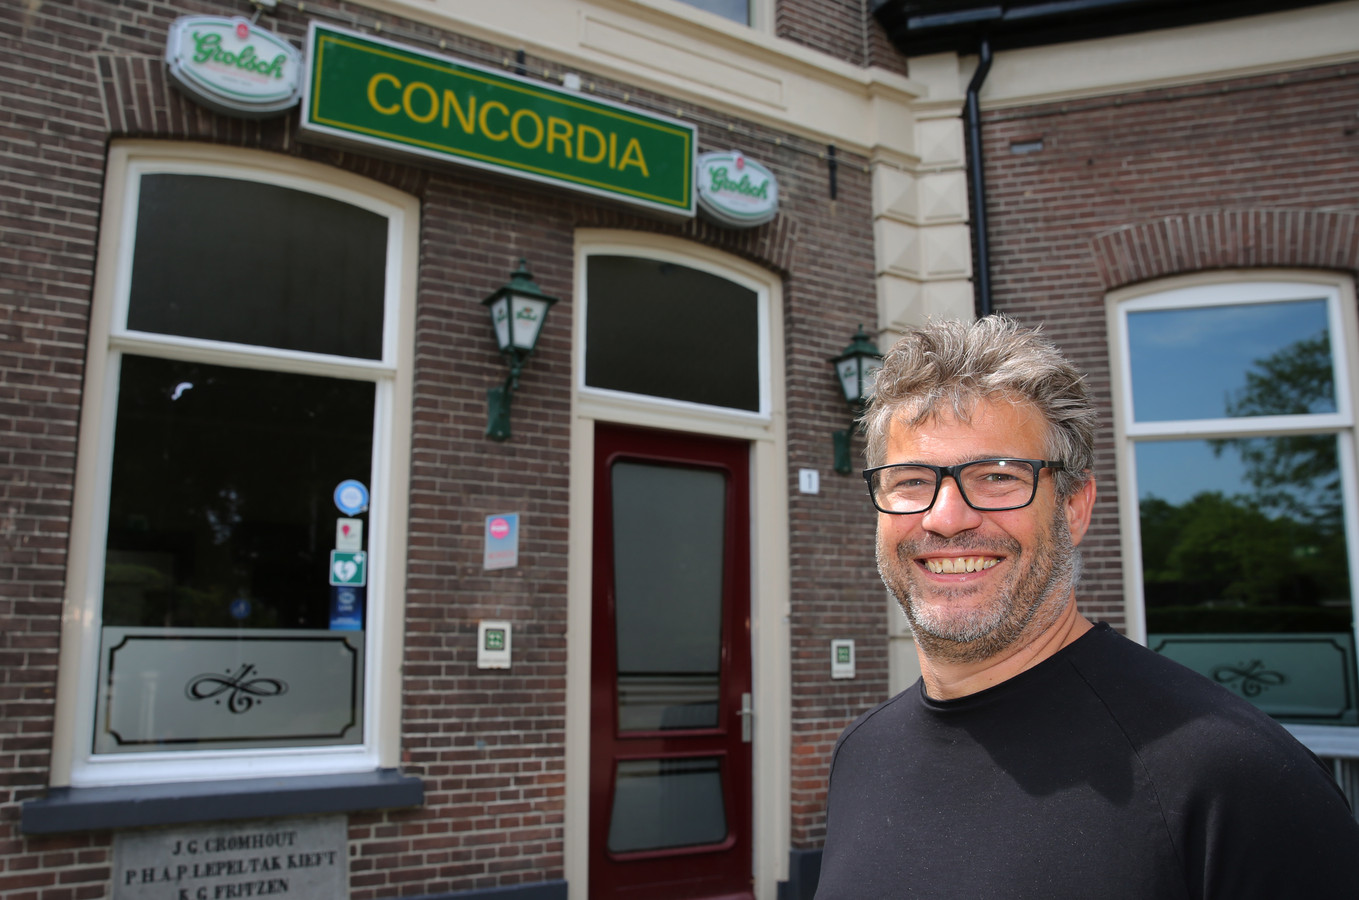 Gerben Wechgelaer wil het café van Concordia opstuwen. ,,Brummen mist een verlengde huiskamer.''